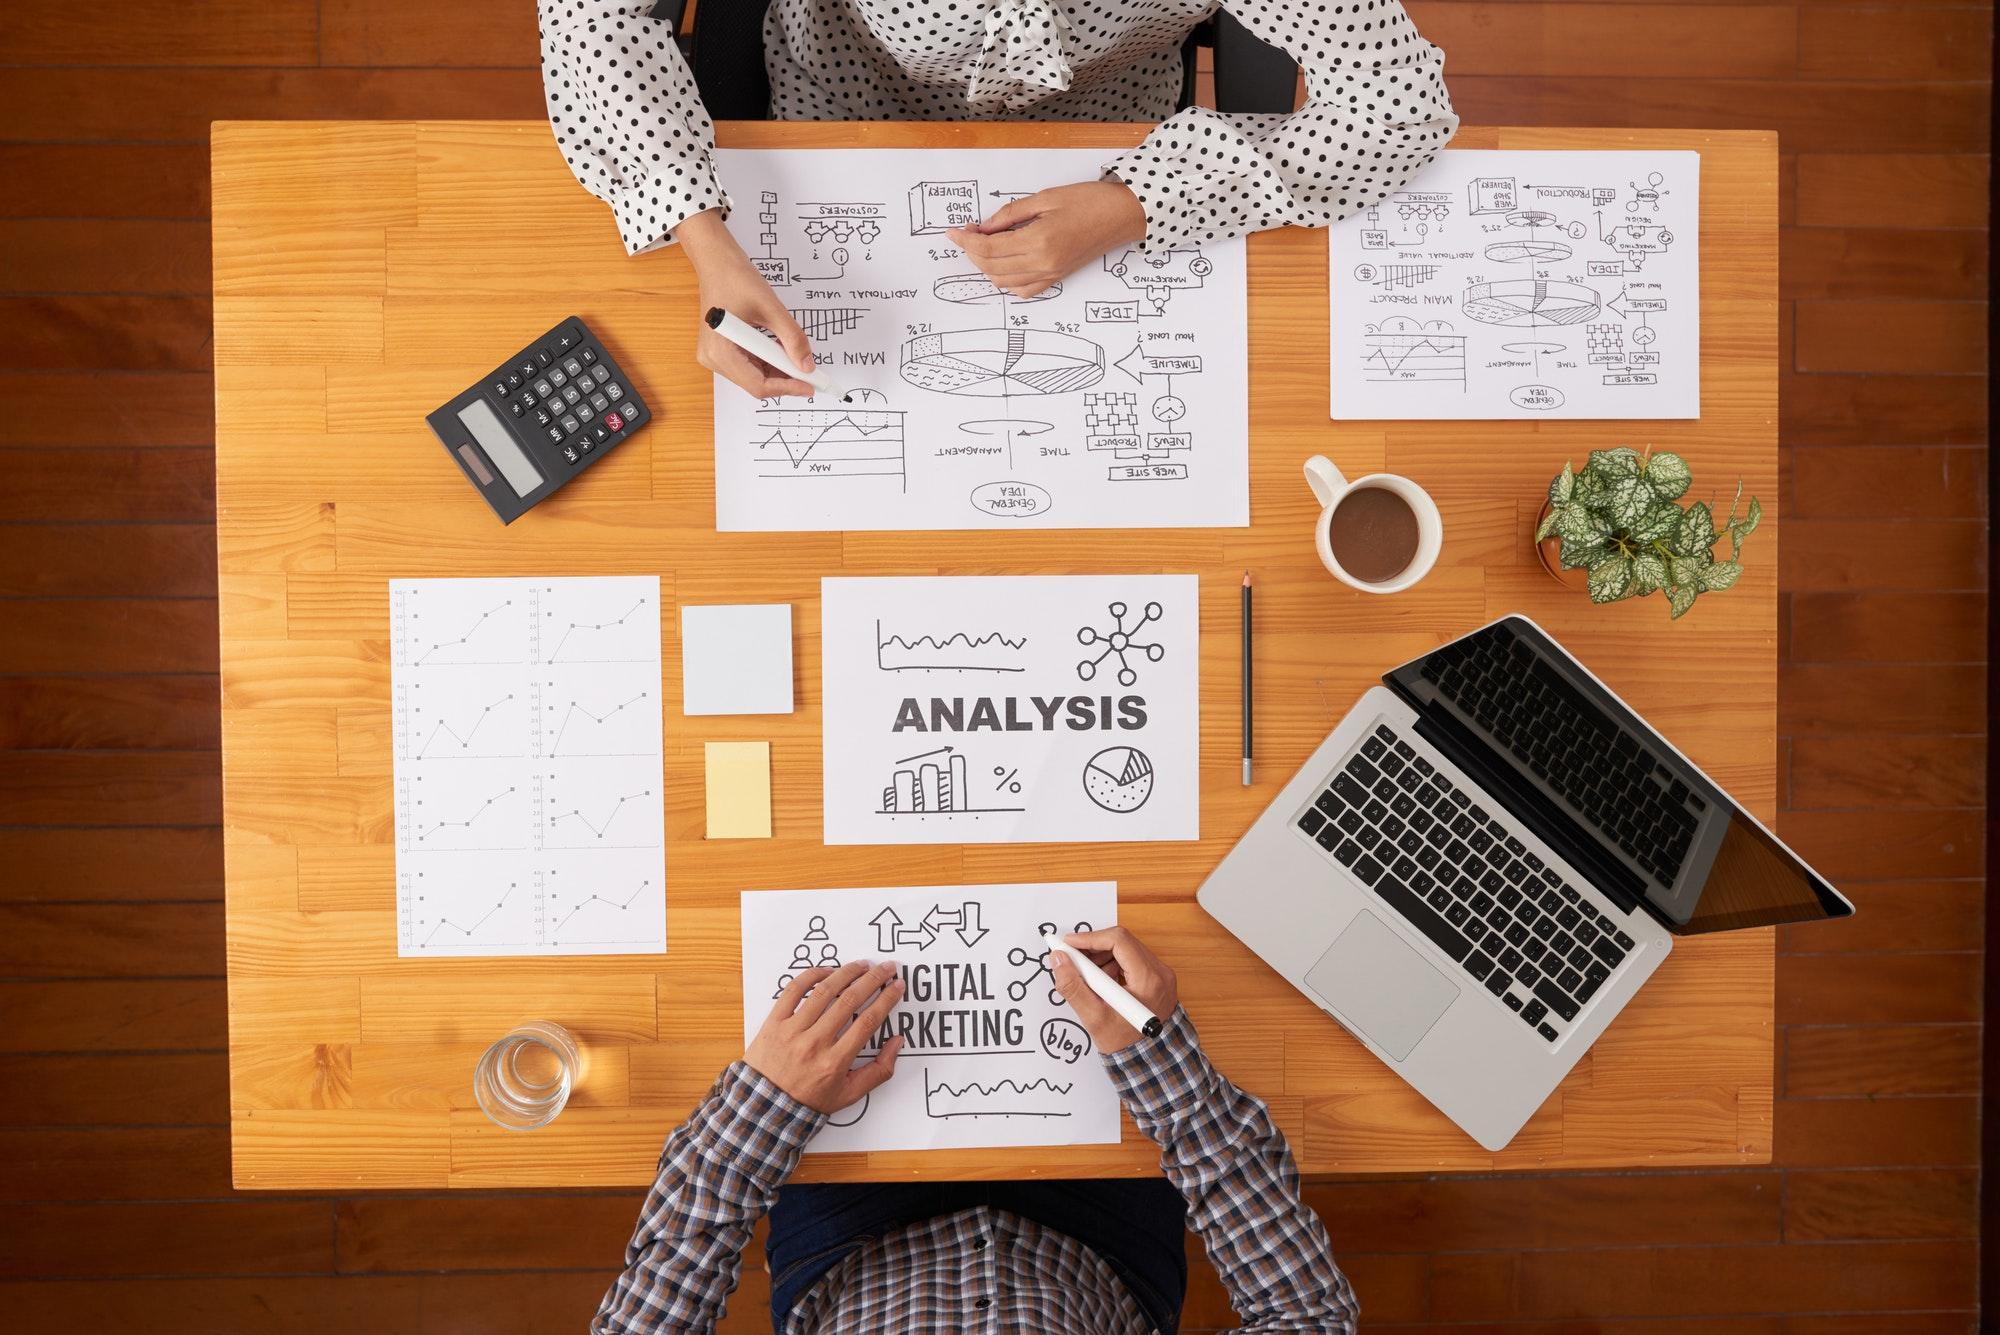 Estratégias de Marketing Digital: 6 ações eficazes, quando usá-las e como